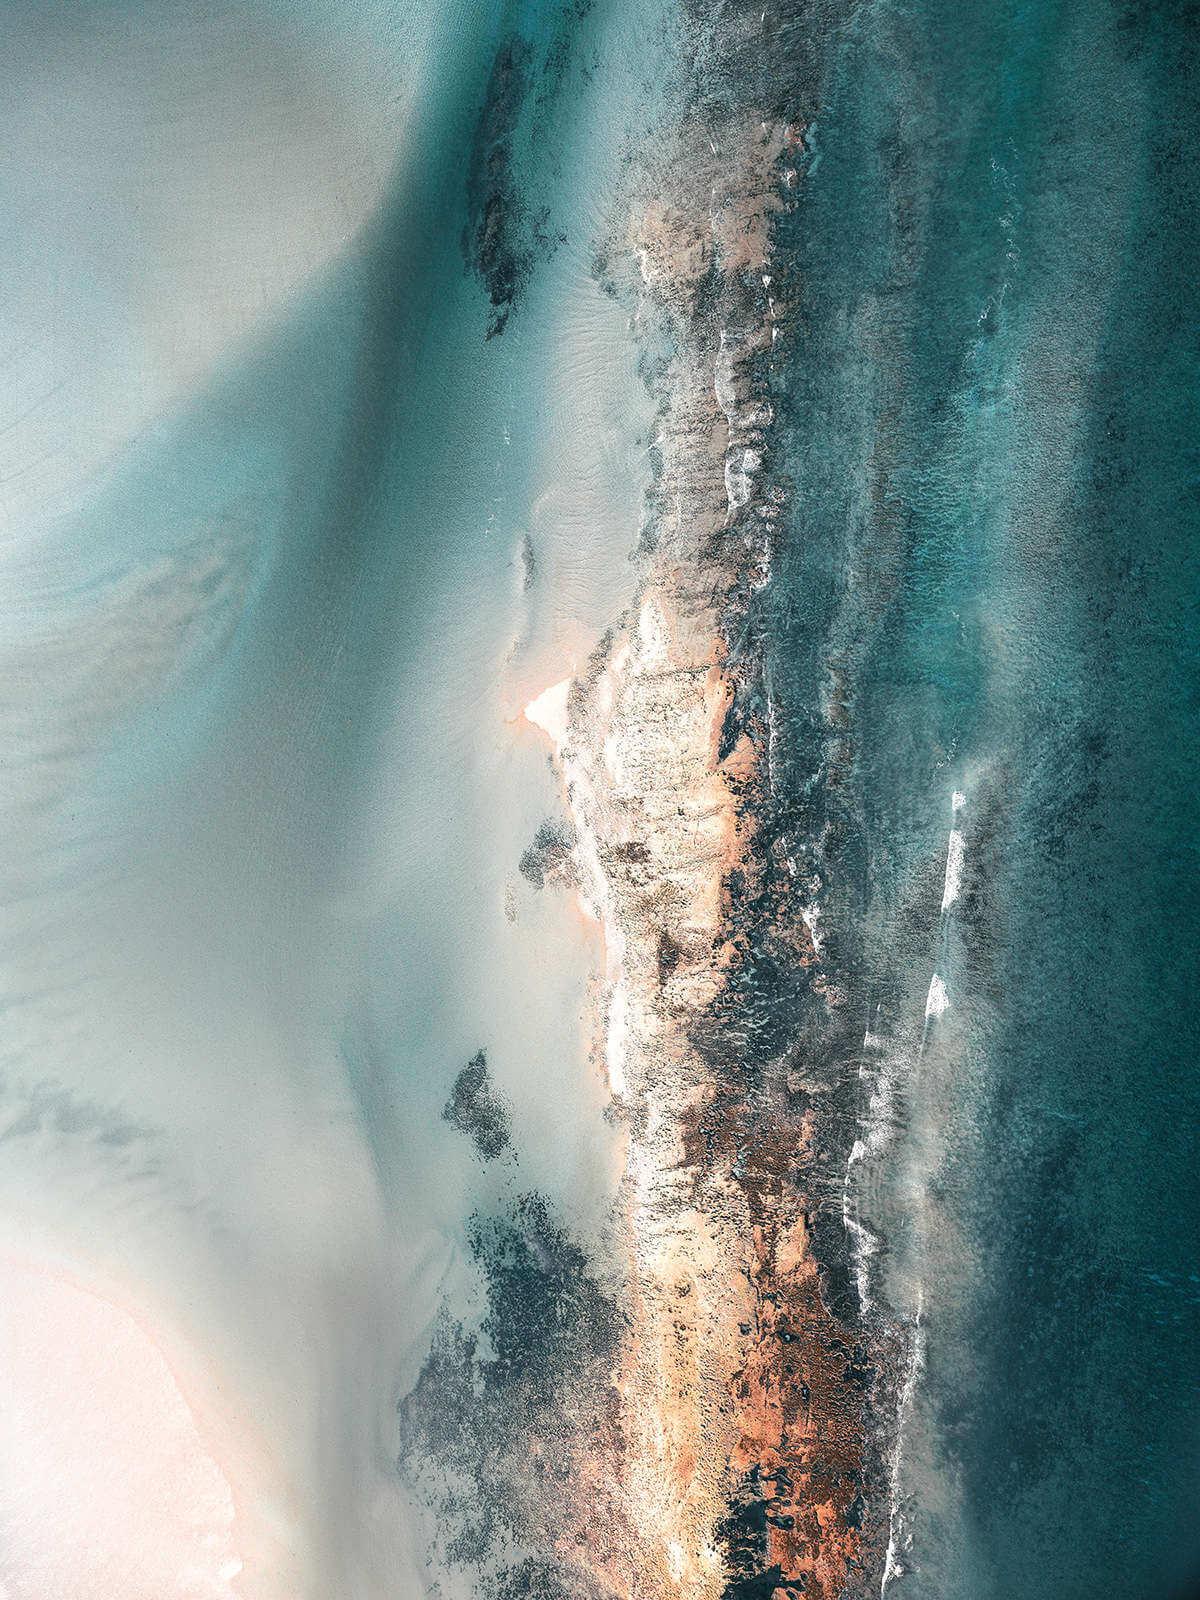 arrecifes desde el aire Kevin Krautgarner